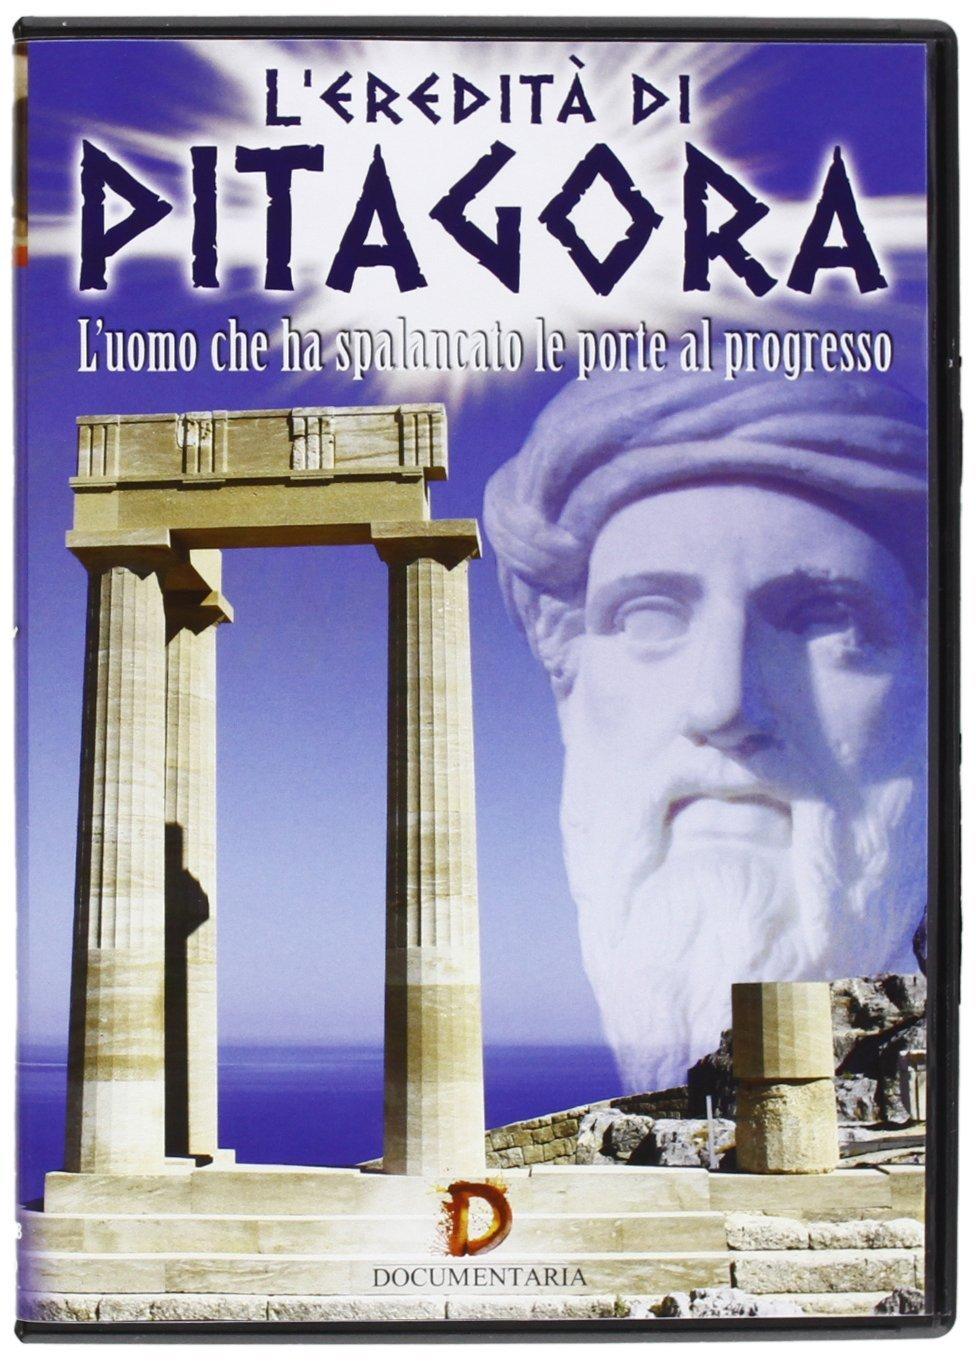 Dvd Eredita' Di Pitagora (L') NUOVO SIGILLATO, EDIZIONE DEL 05/06/2013 SUBITO DISPONIBILE